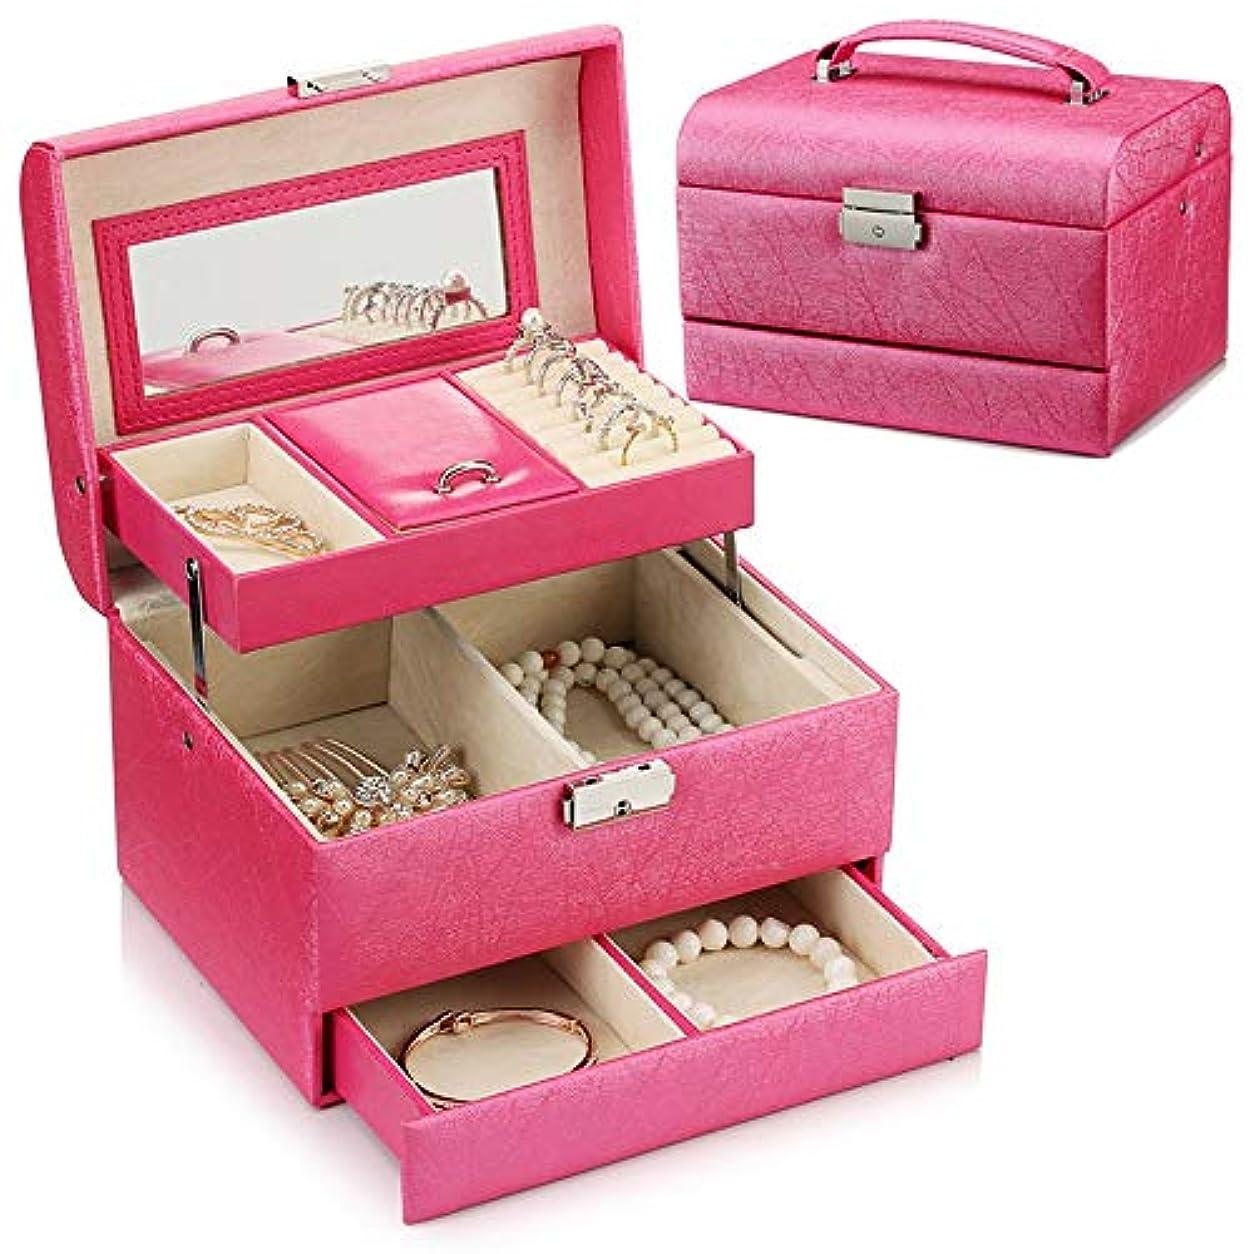 有名人潤滑する腕特大スペース収納ビューティーボックス 女の子の女性旅行のための新しく、実用的な携帯用化粧箱およびロックおよび皿が付いている毎日の貯蔵 化粧品化粧台 (色 : ローズレッド)